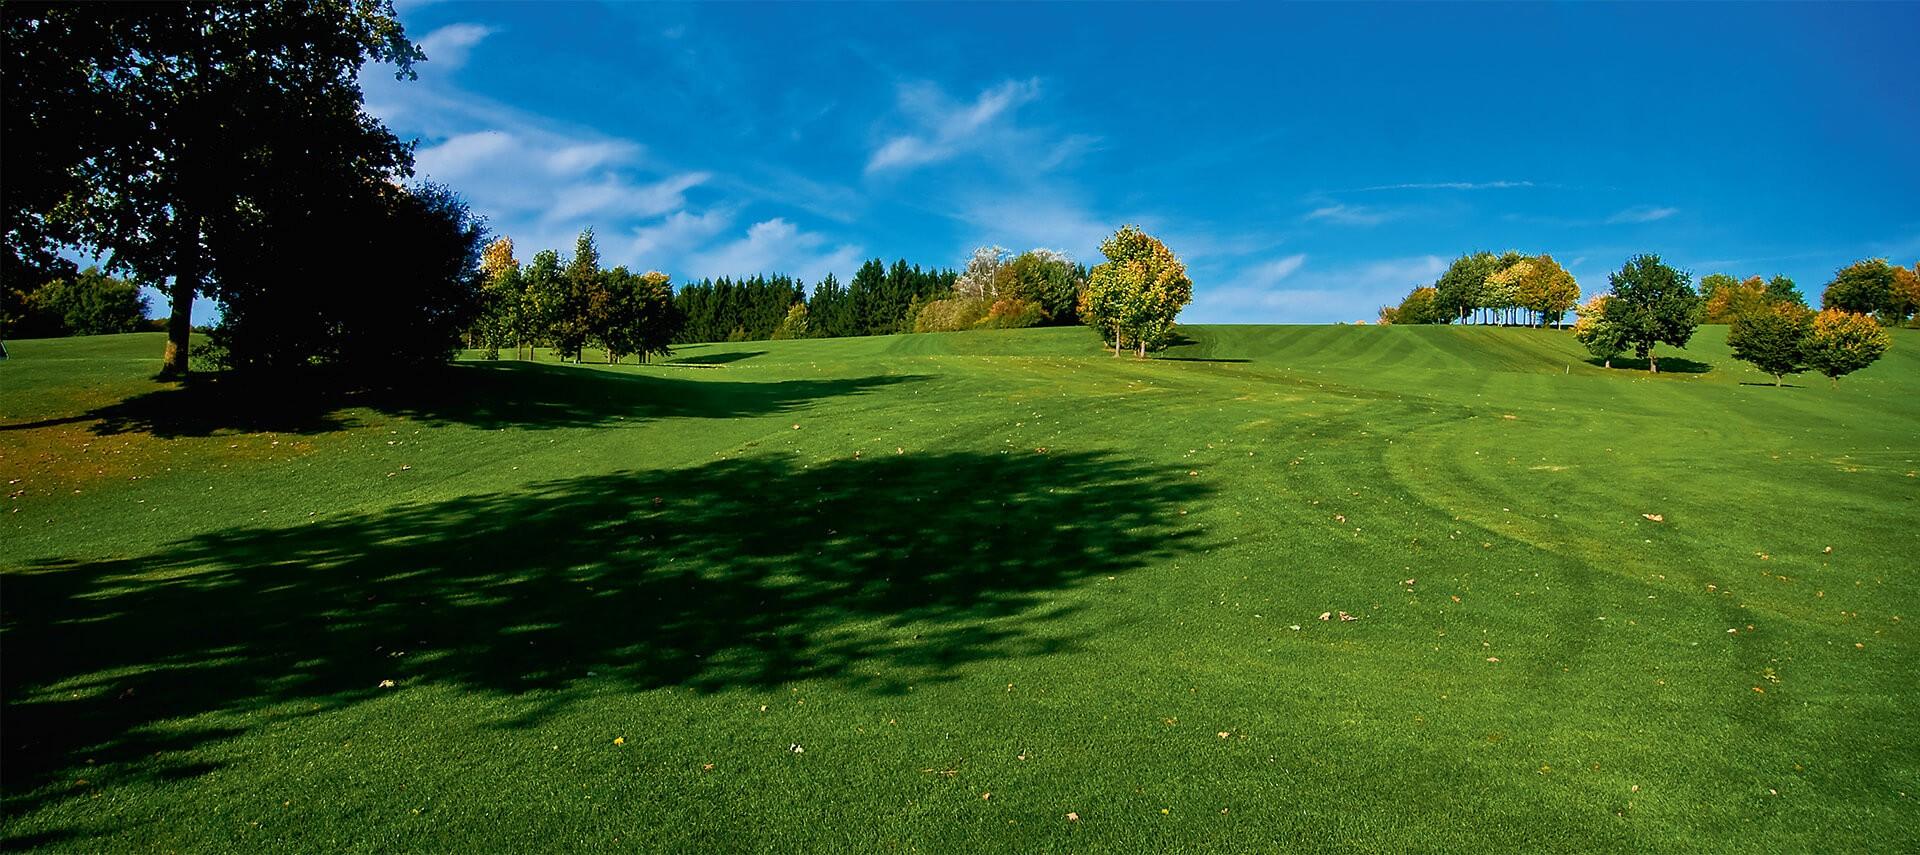 1 - GolfClub Holledau - 2021-04